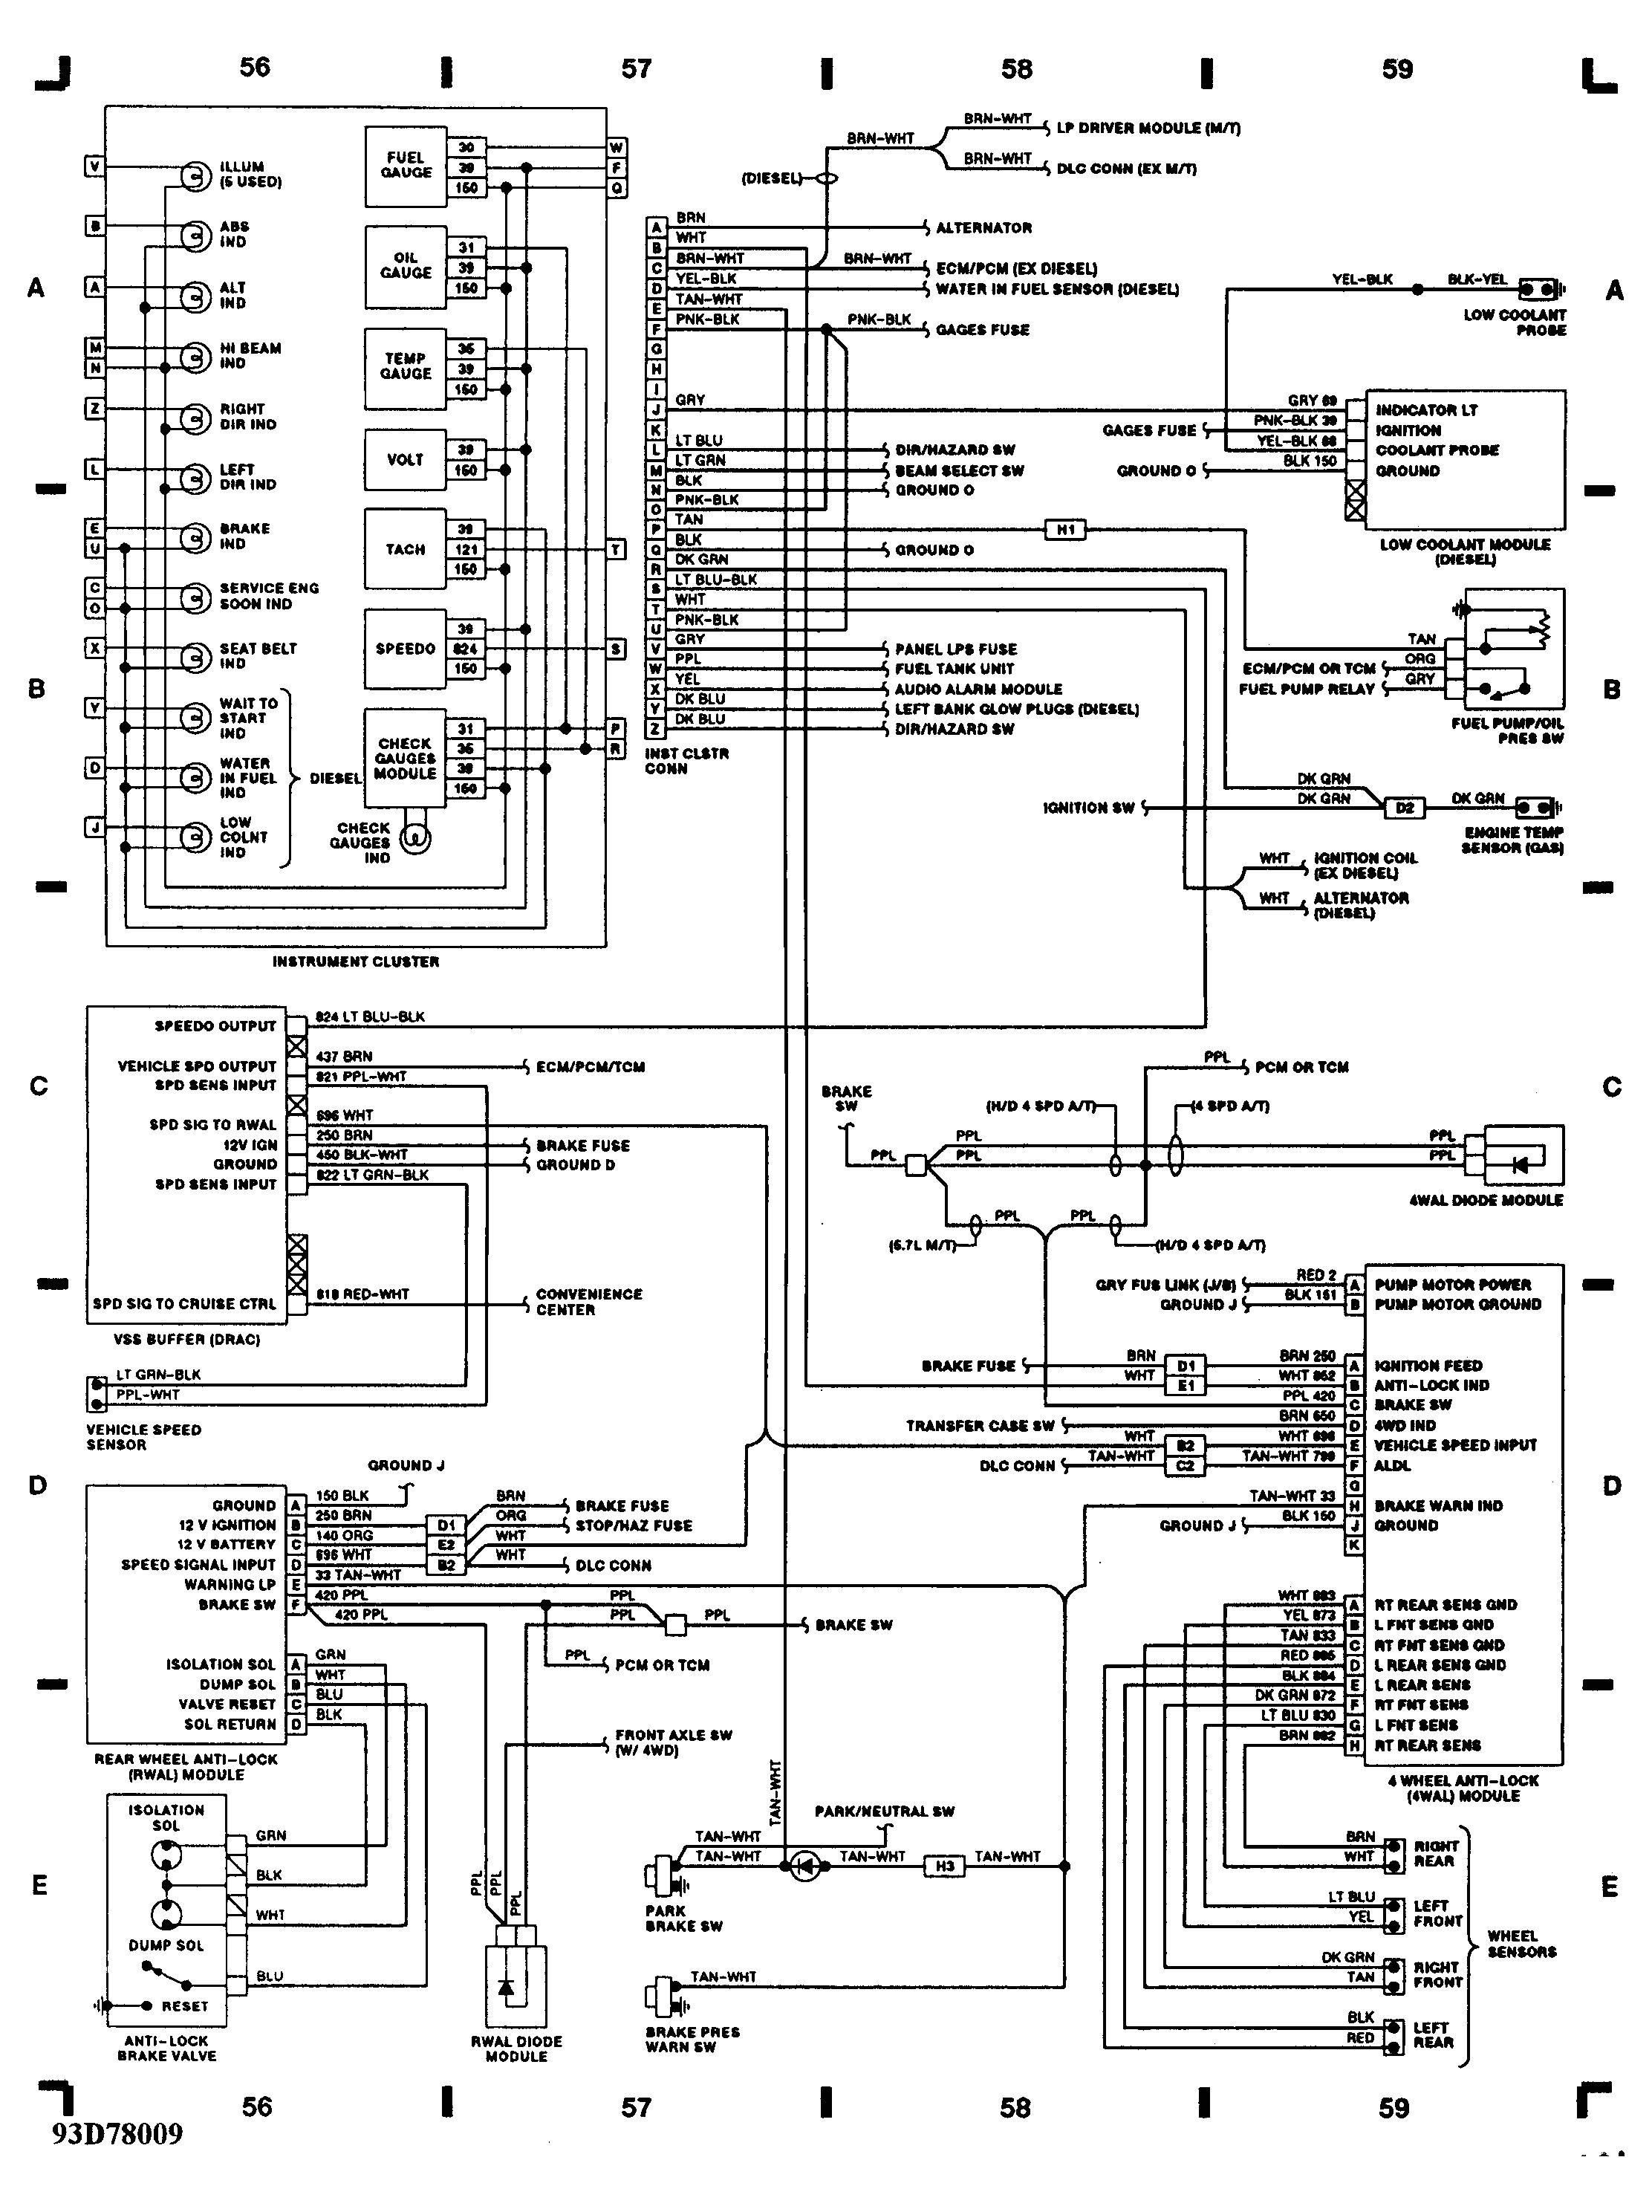 chevy 4 8 vortec engine diagram wiring diagram sample 2001 4 8 silverado engine wiring diagram